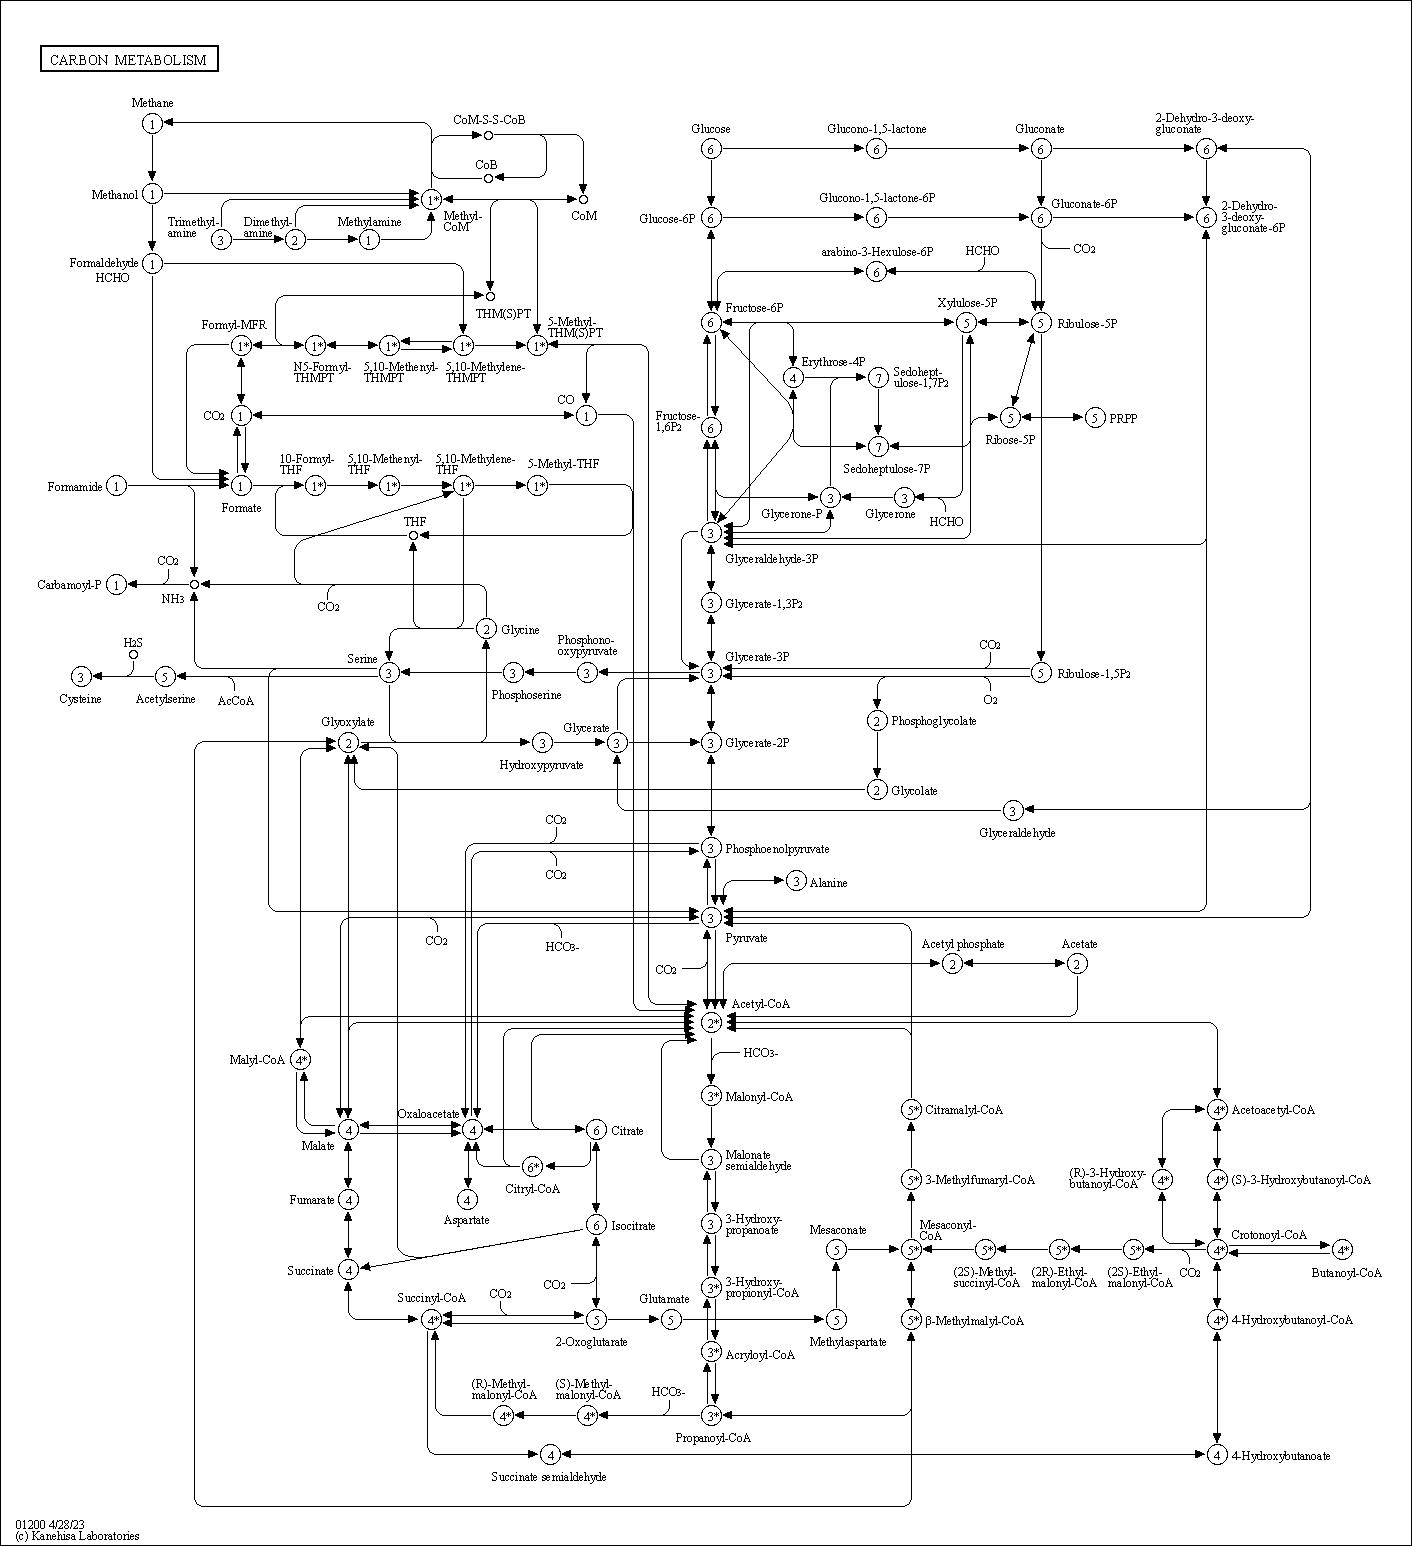 KEGG PATHWAY: Carbon metabolism - Reference pathway